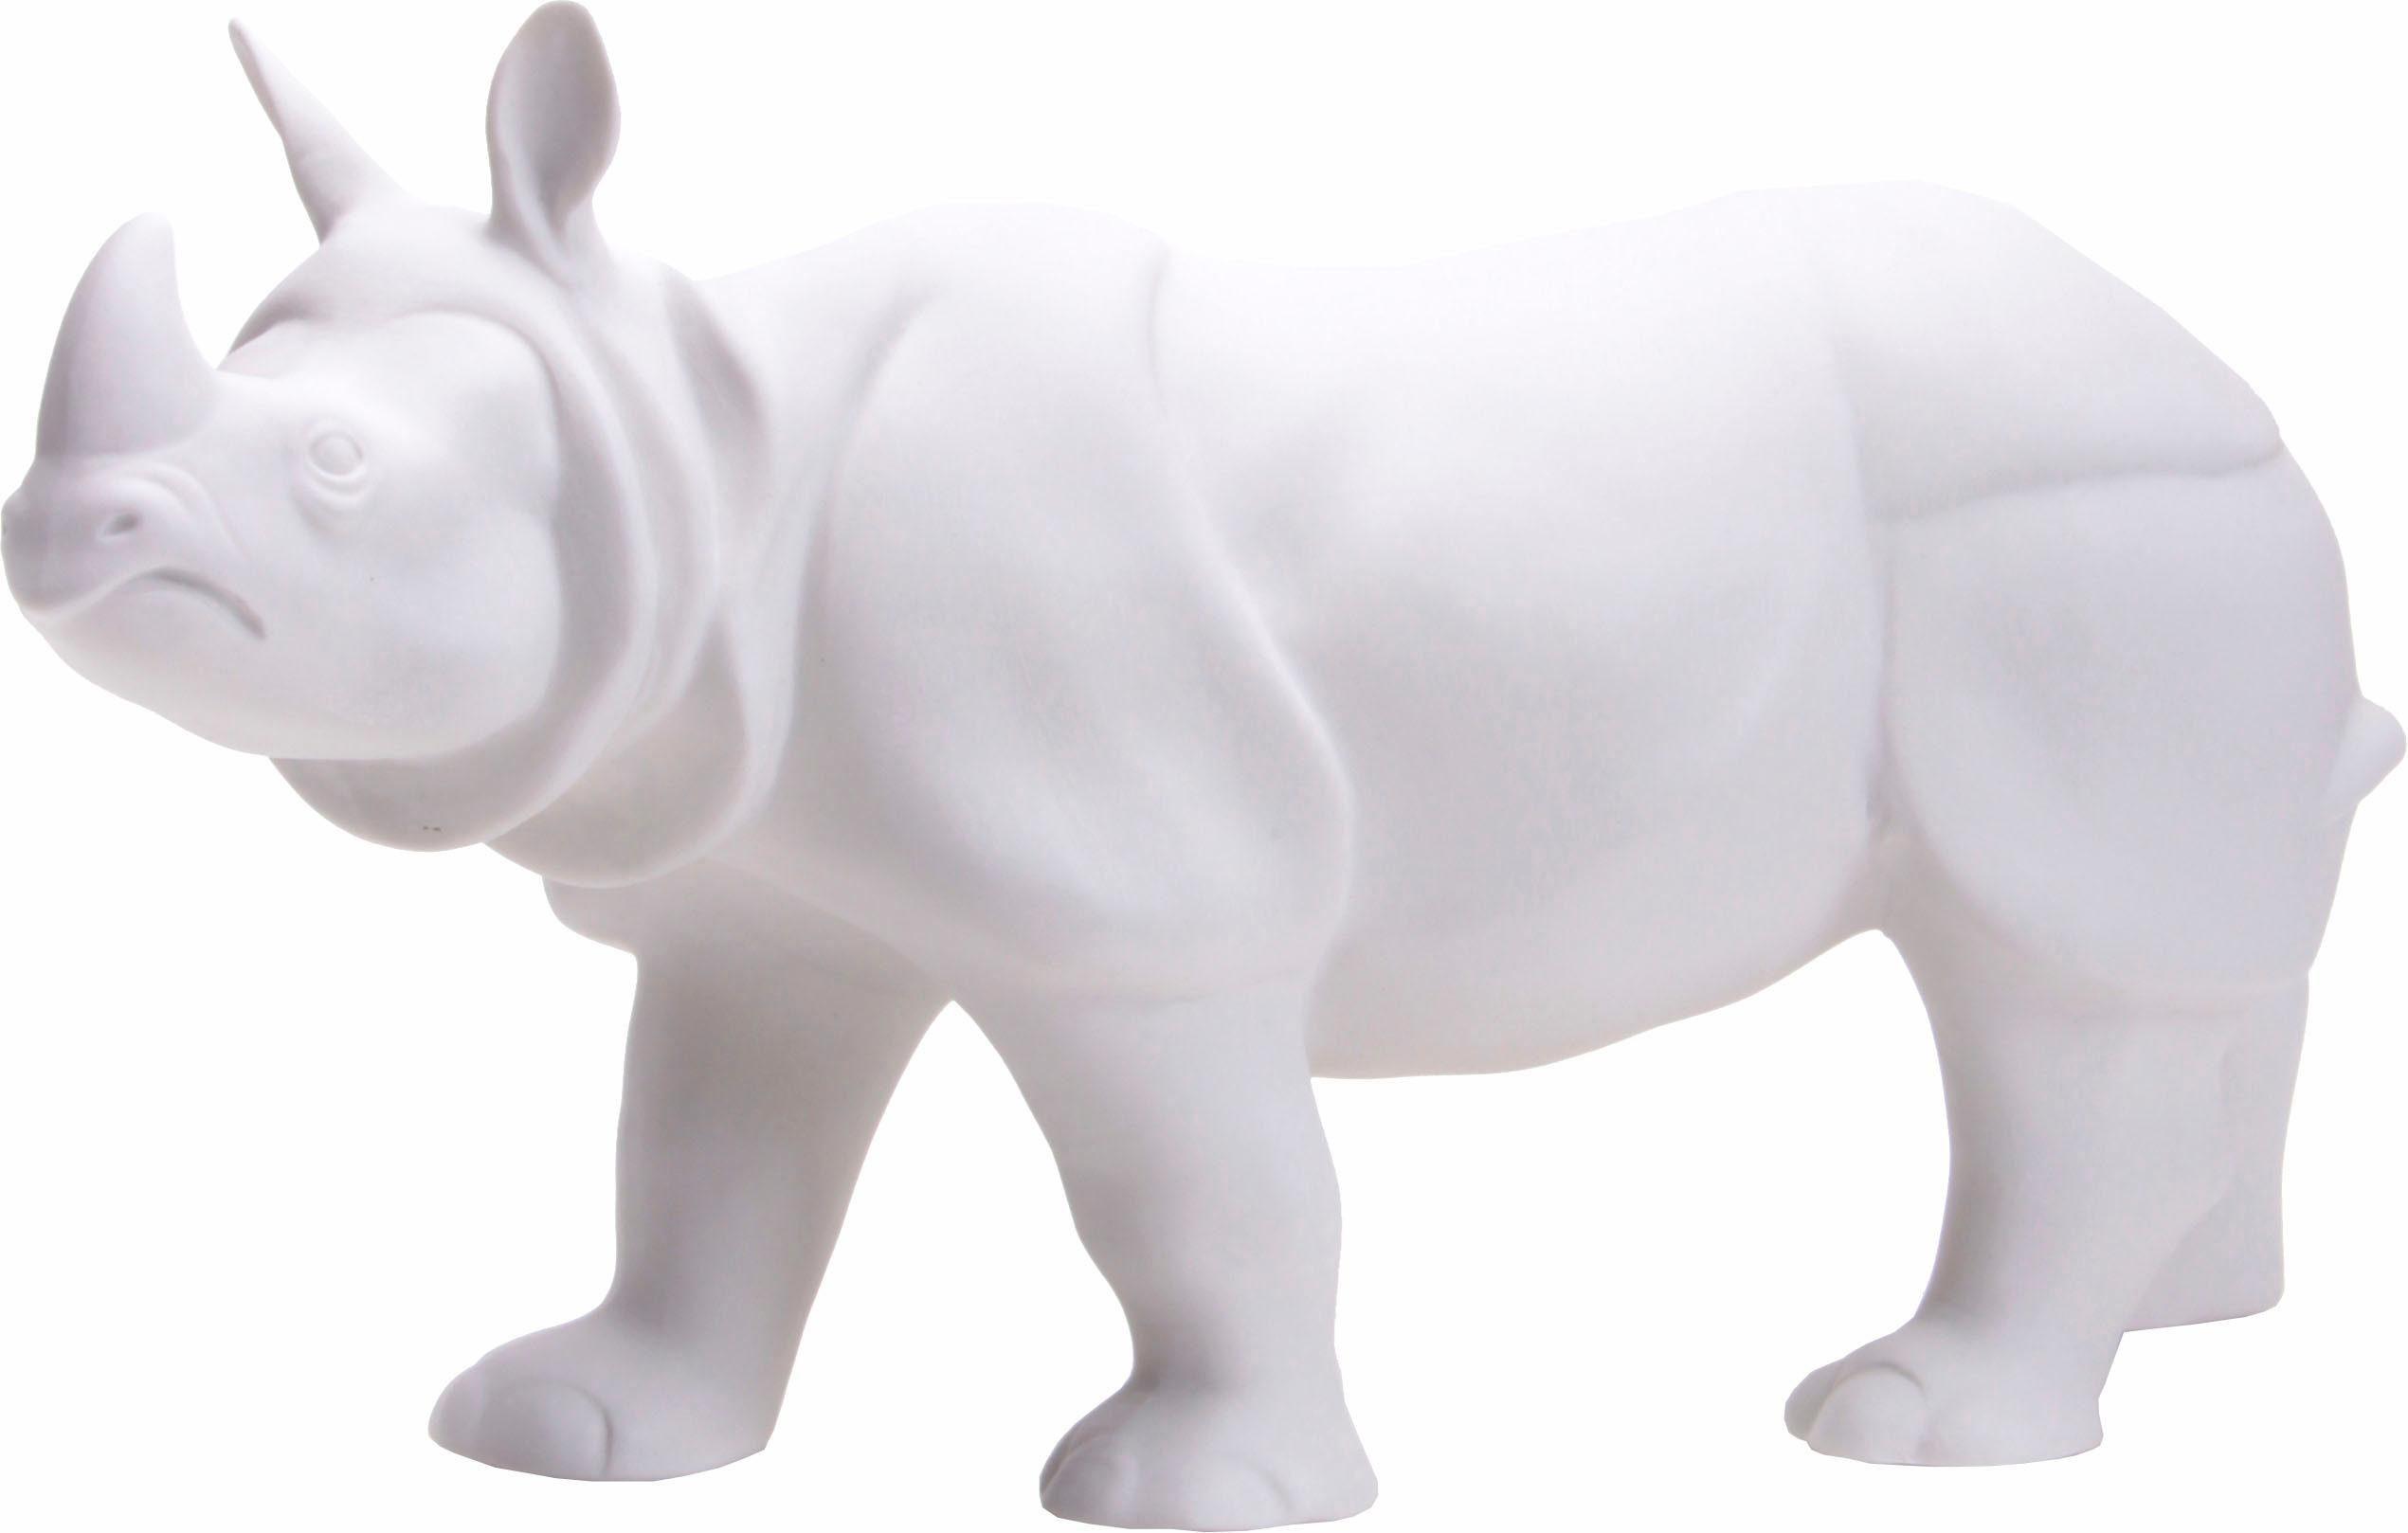 Wagner & Apel Figur »Nashorn« aus Porzellan